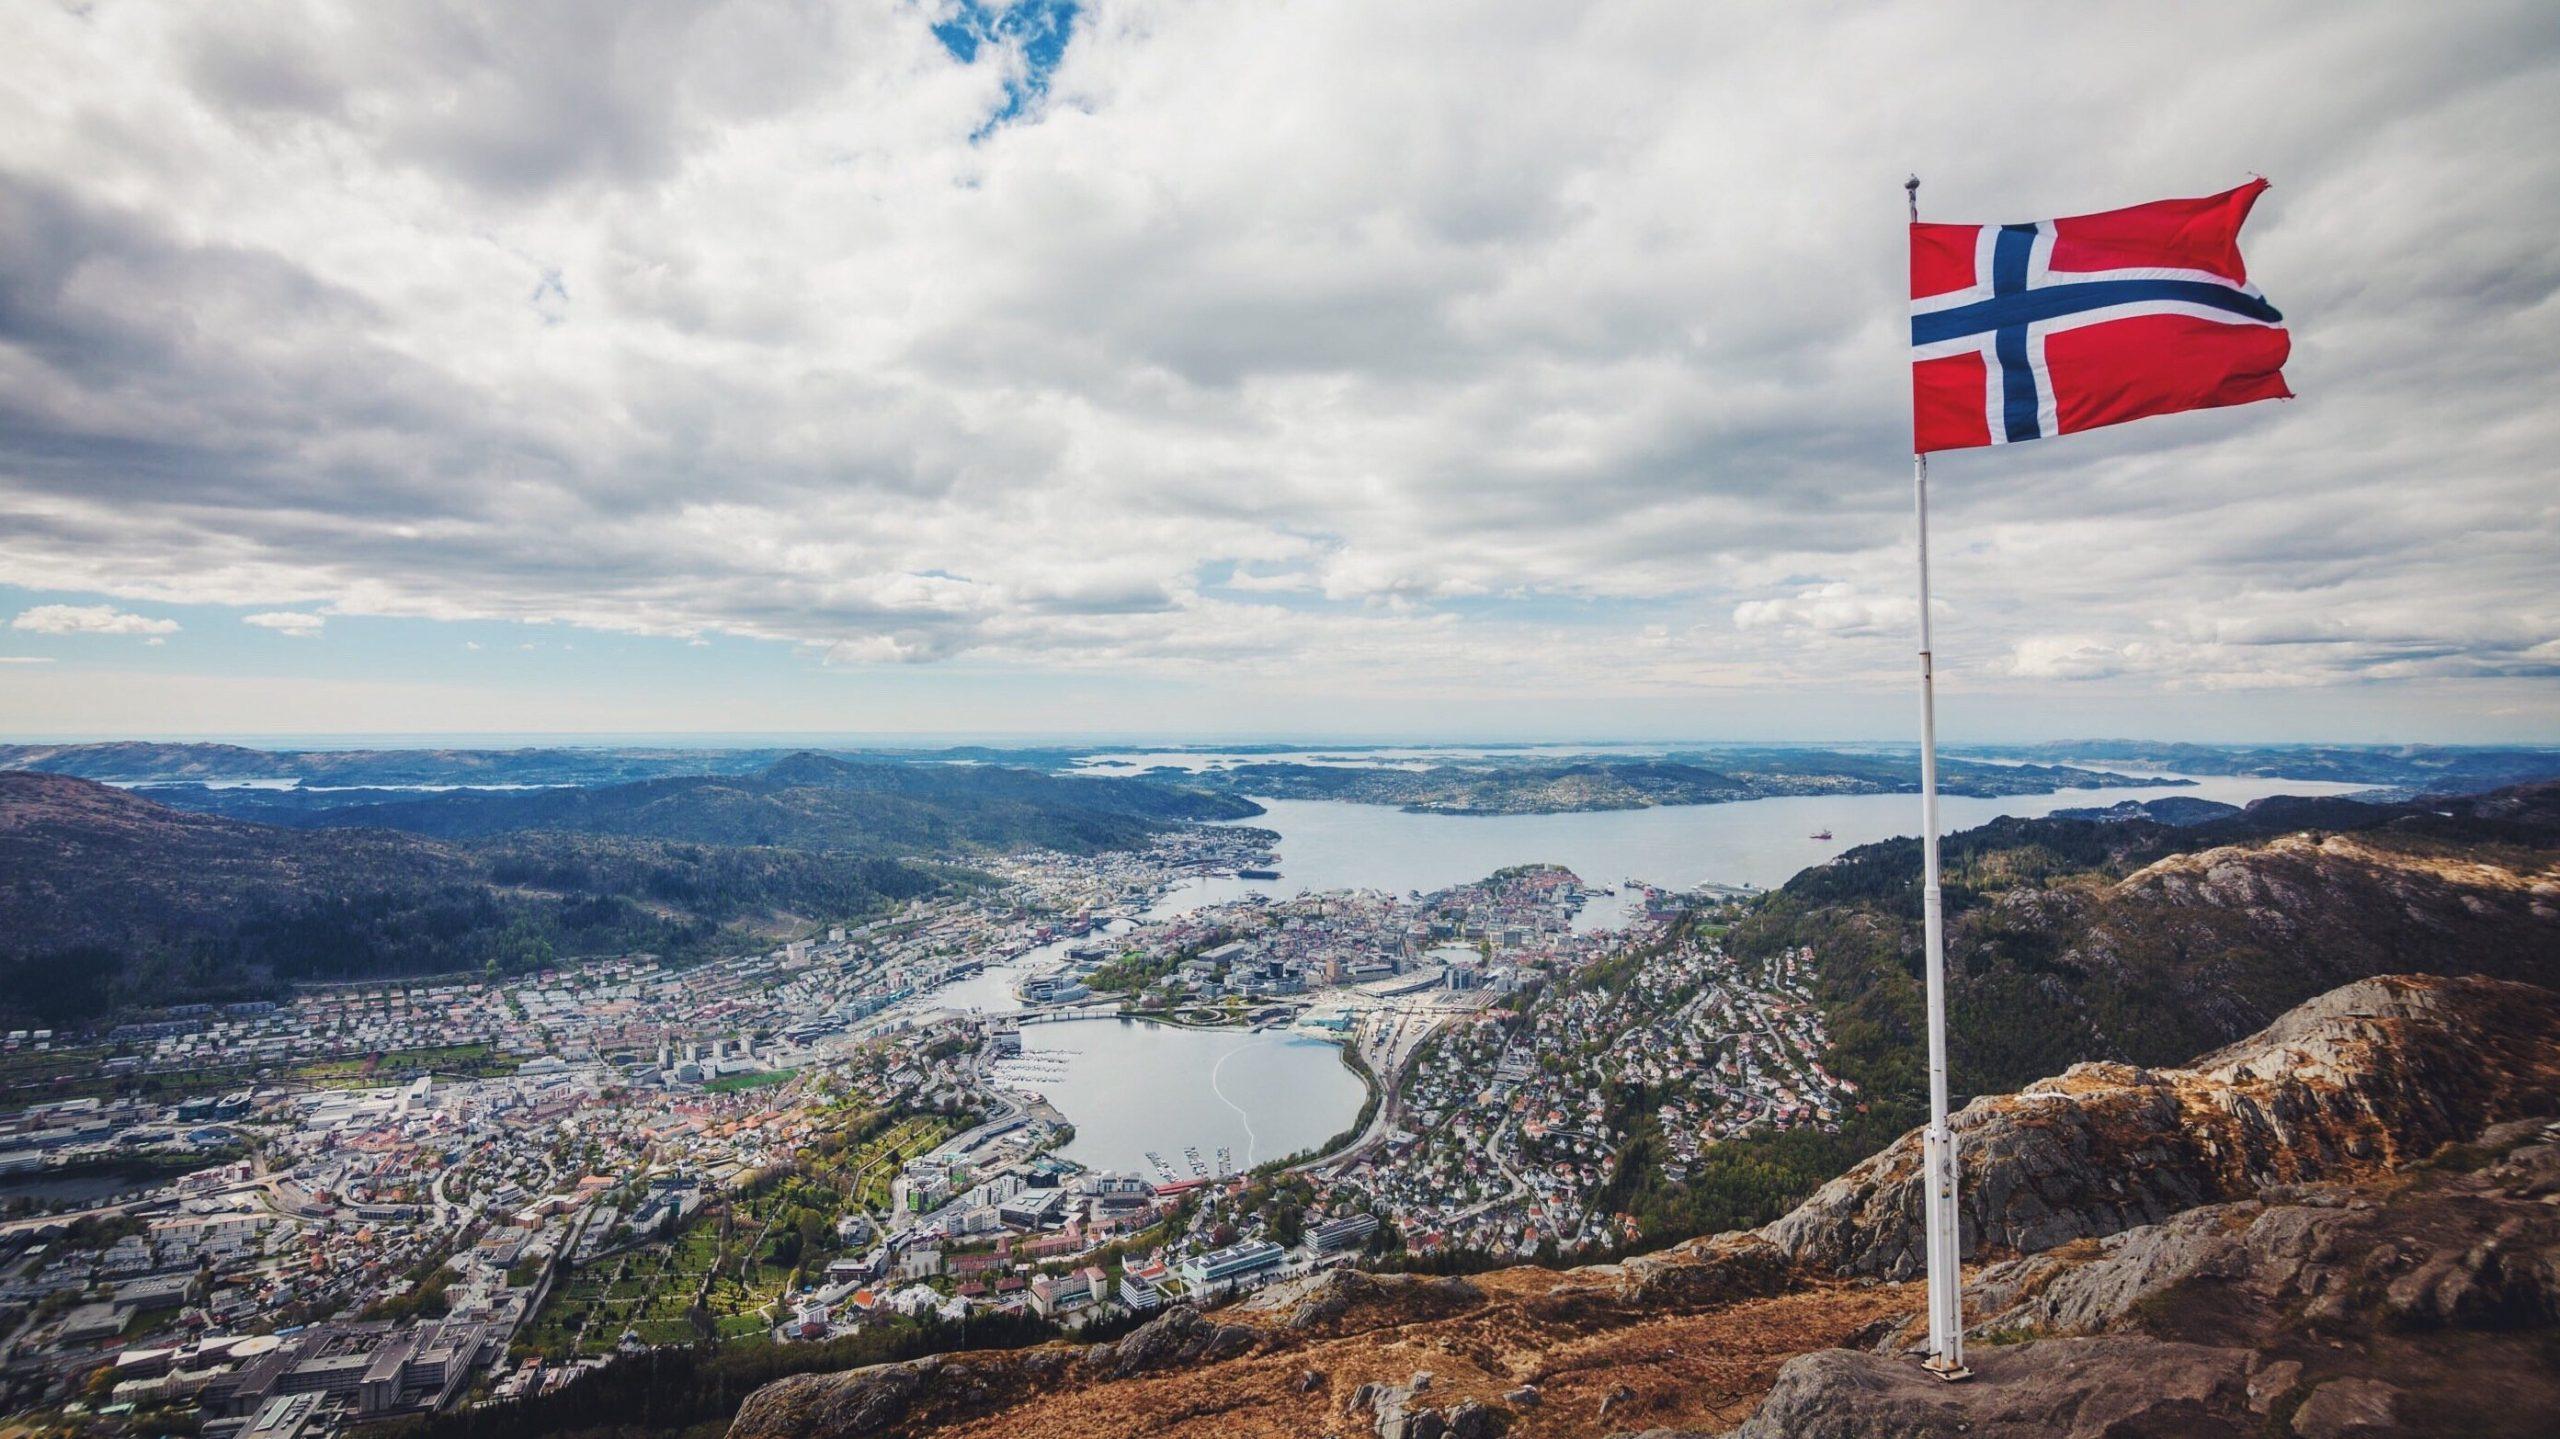 Norvegia reclasifică boala Covid-19: Nu este mai periculoasă decât gripa obișnuită